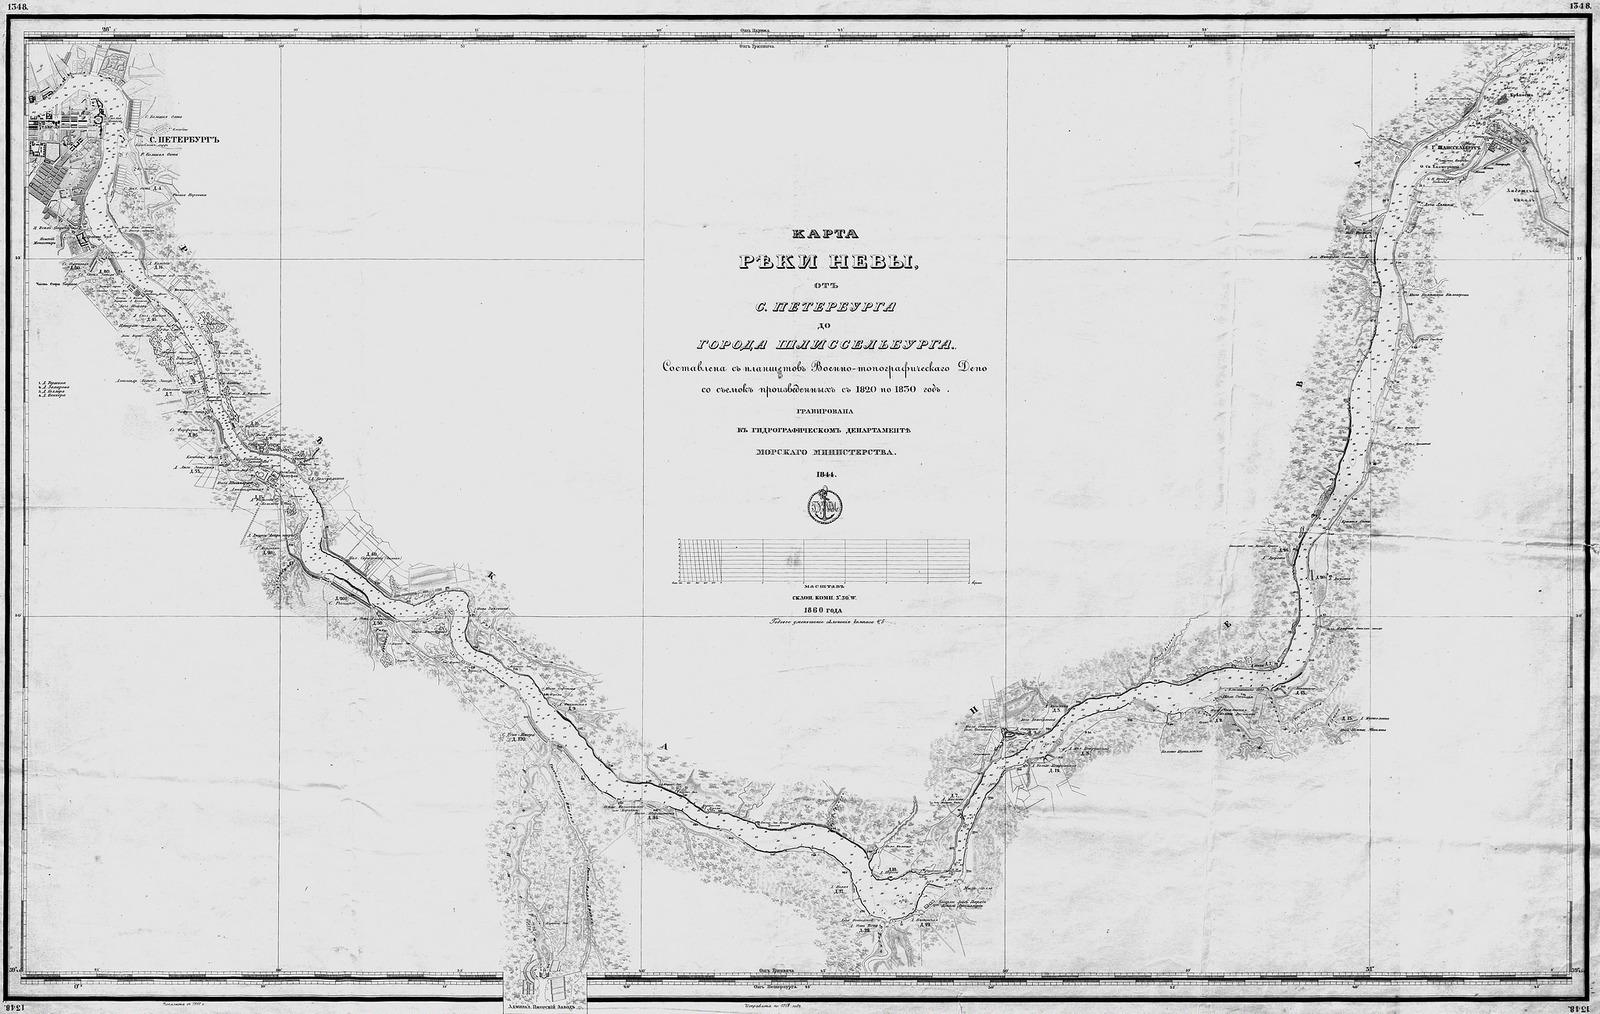 1844. Карта реки Невы от С-Петербурга до города Шлиссельбурга